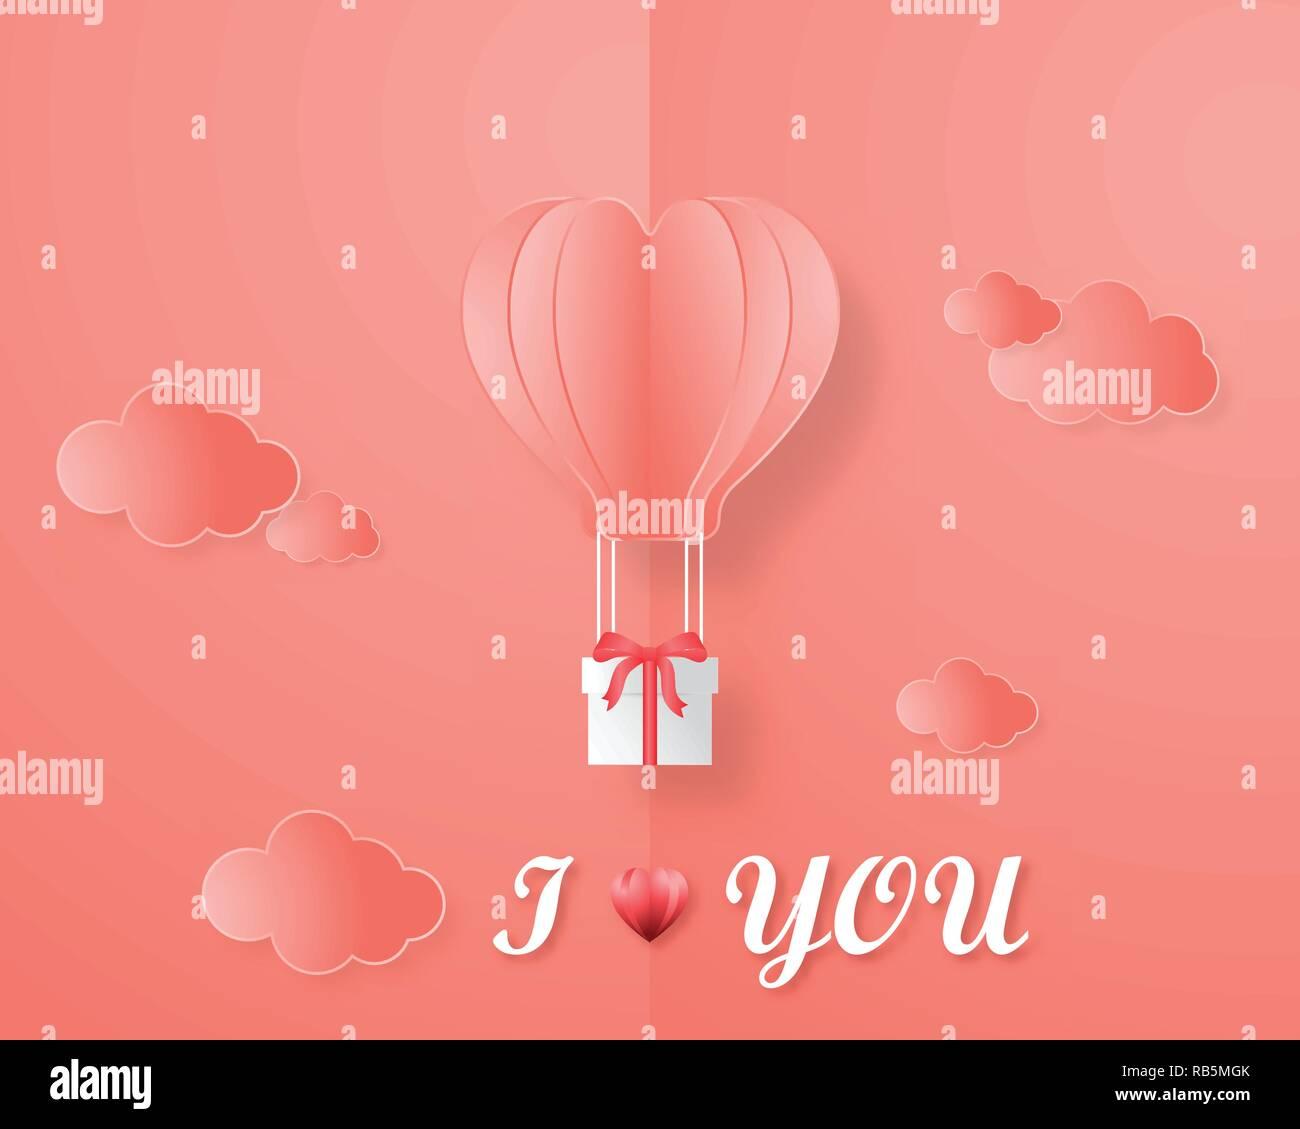 Kreative Einladung Liebe Card Valentinstag Vektor Illustration